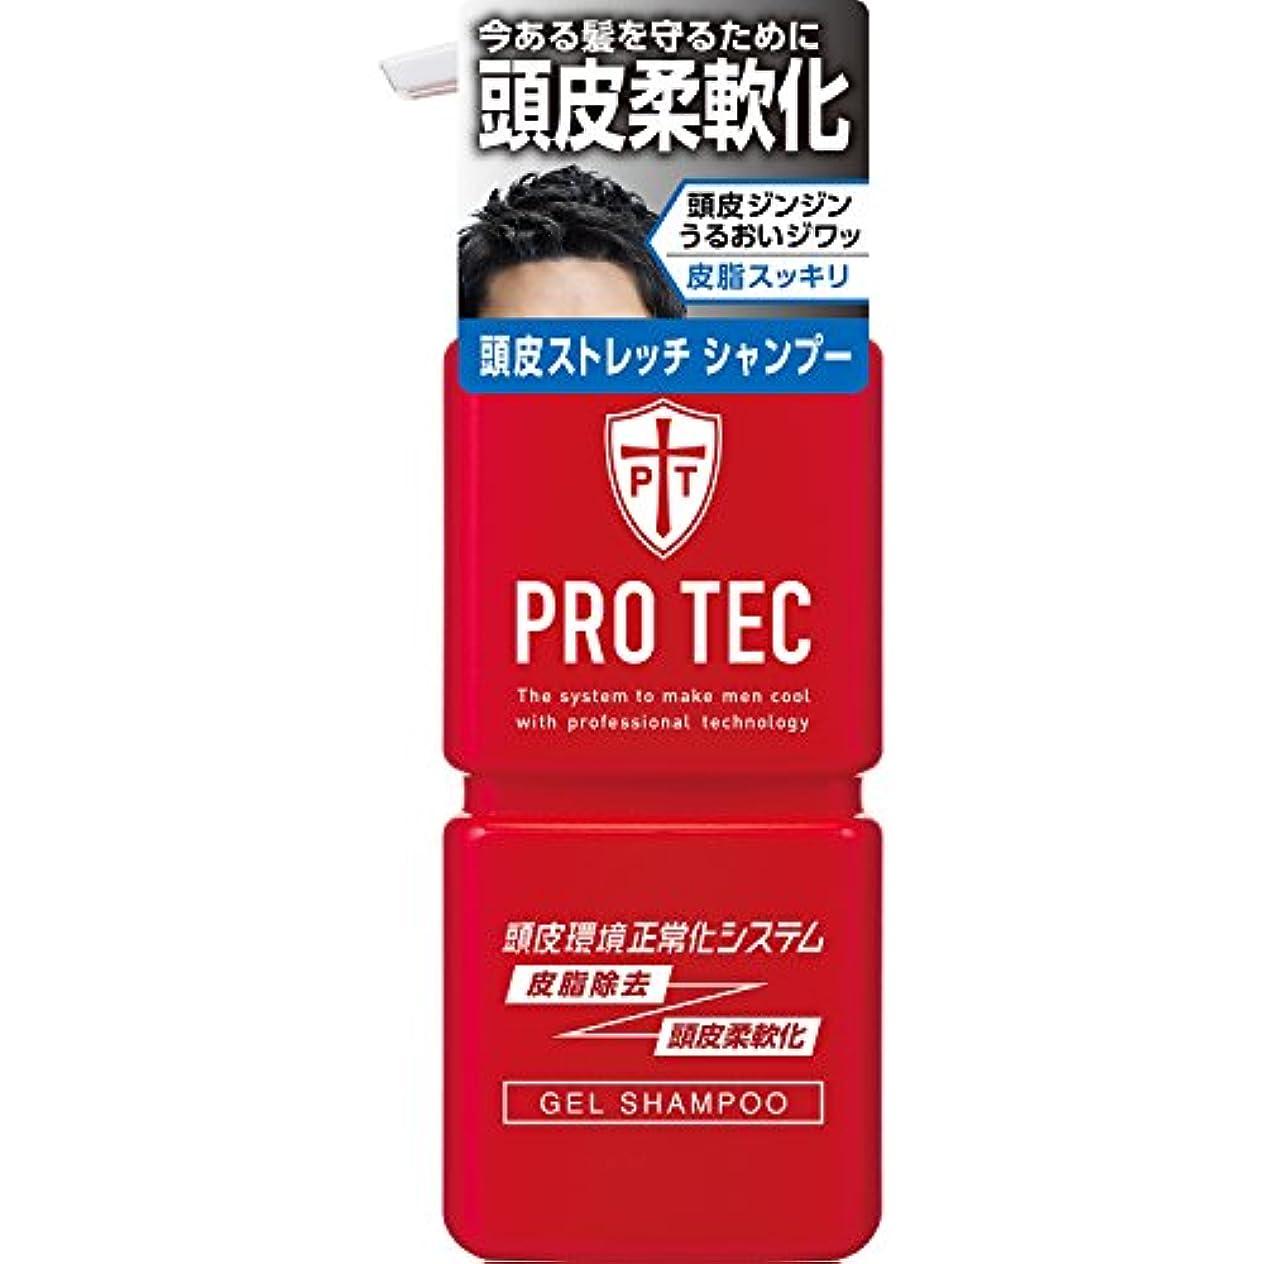 挑発する自動化専らPRO TEC(プロテク) 頭皮ストレッチ シャンプー 本体ポンプ 300g(医薬部外品)